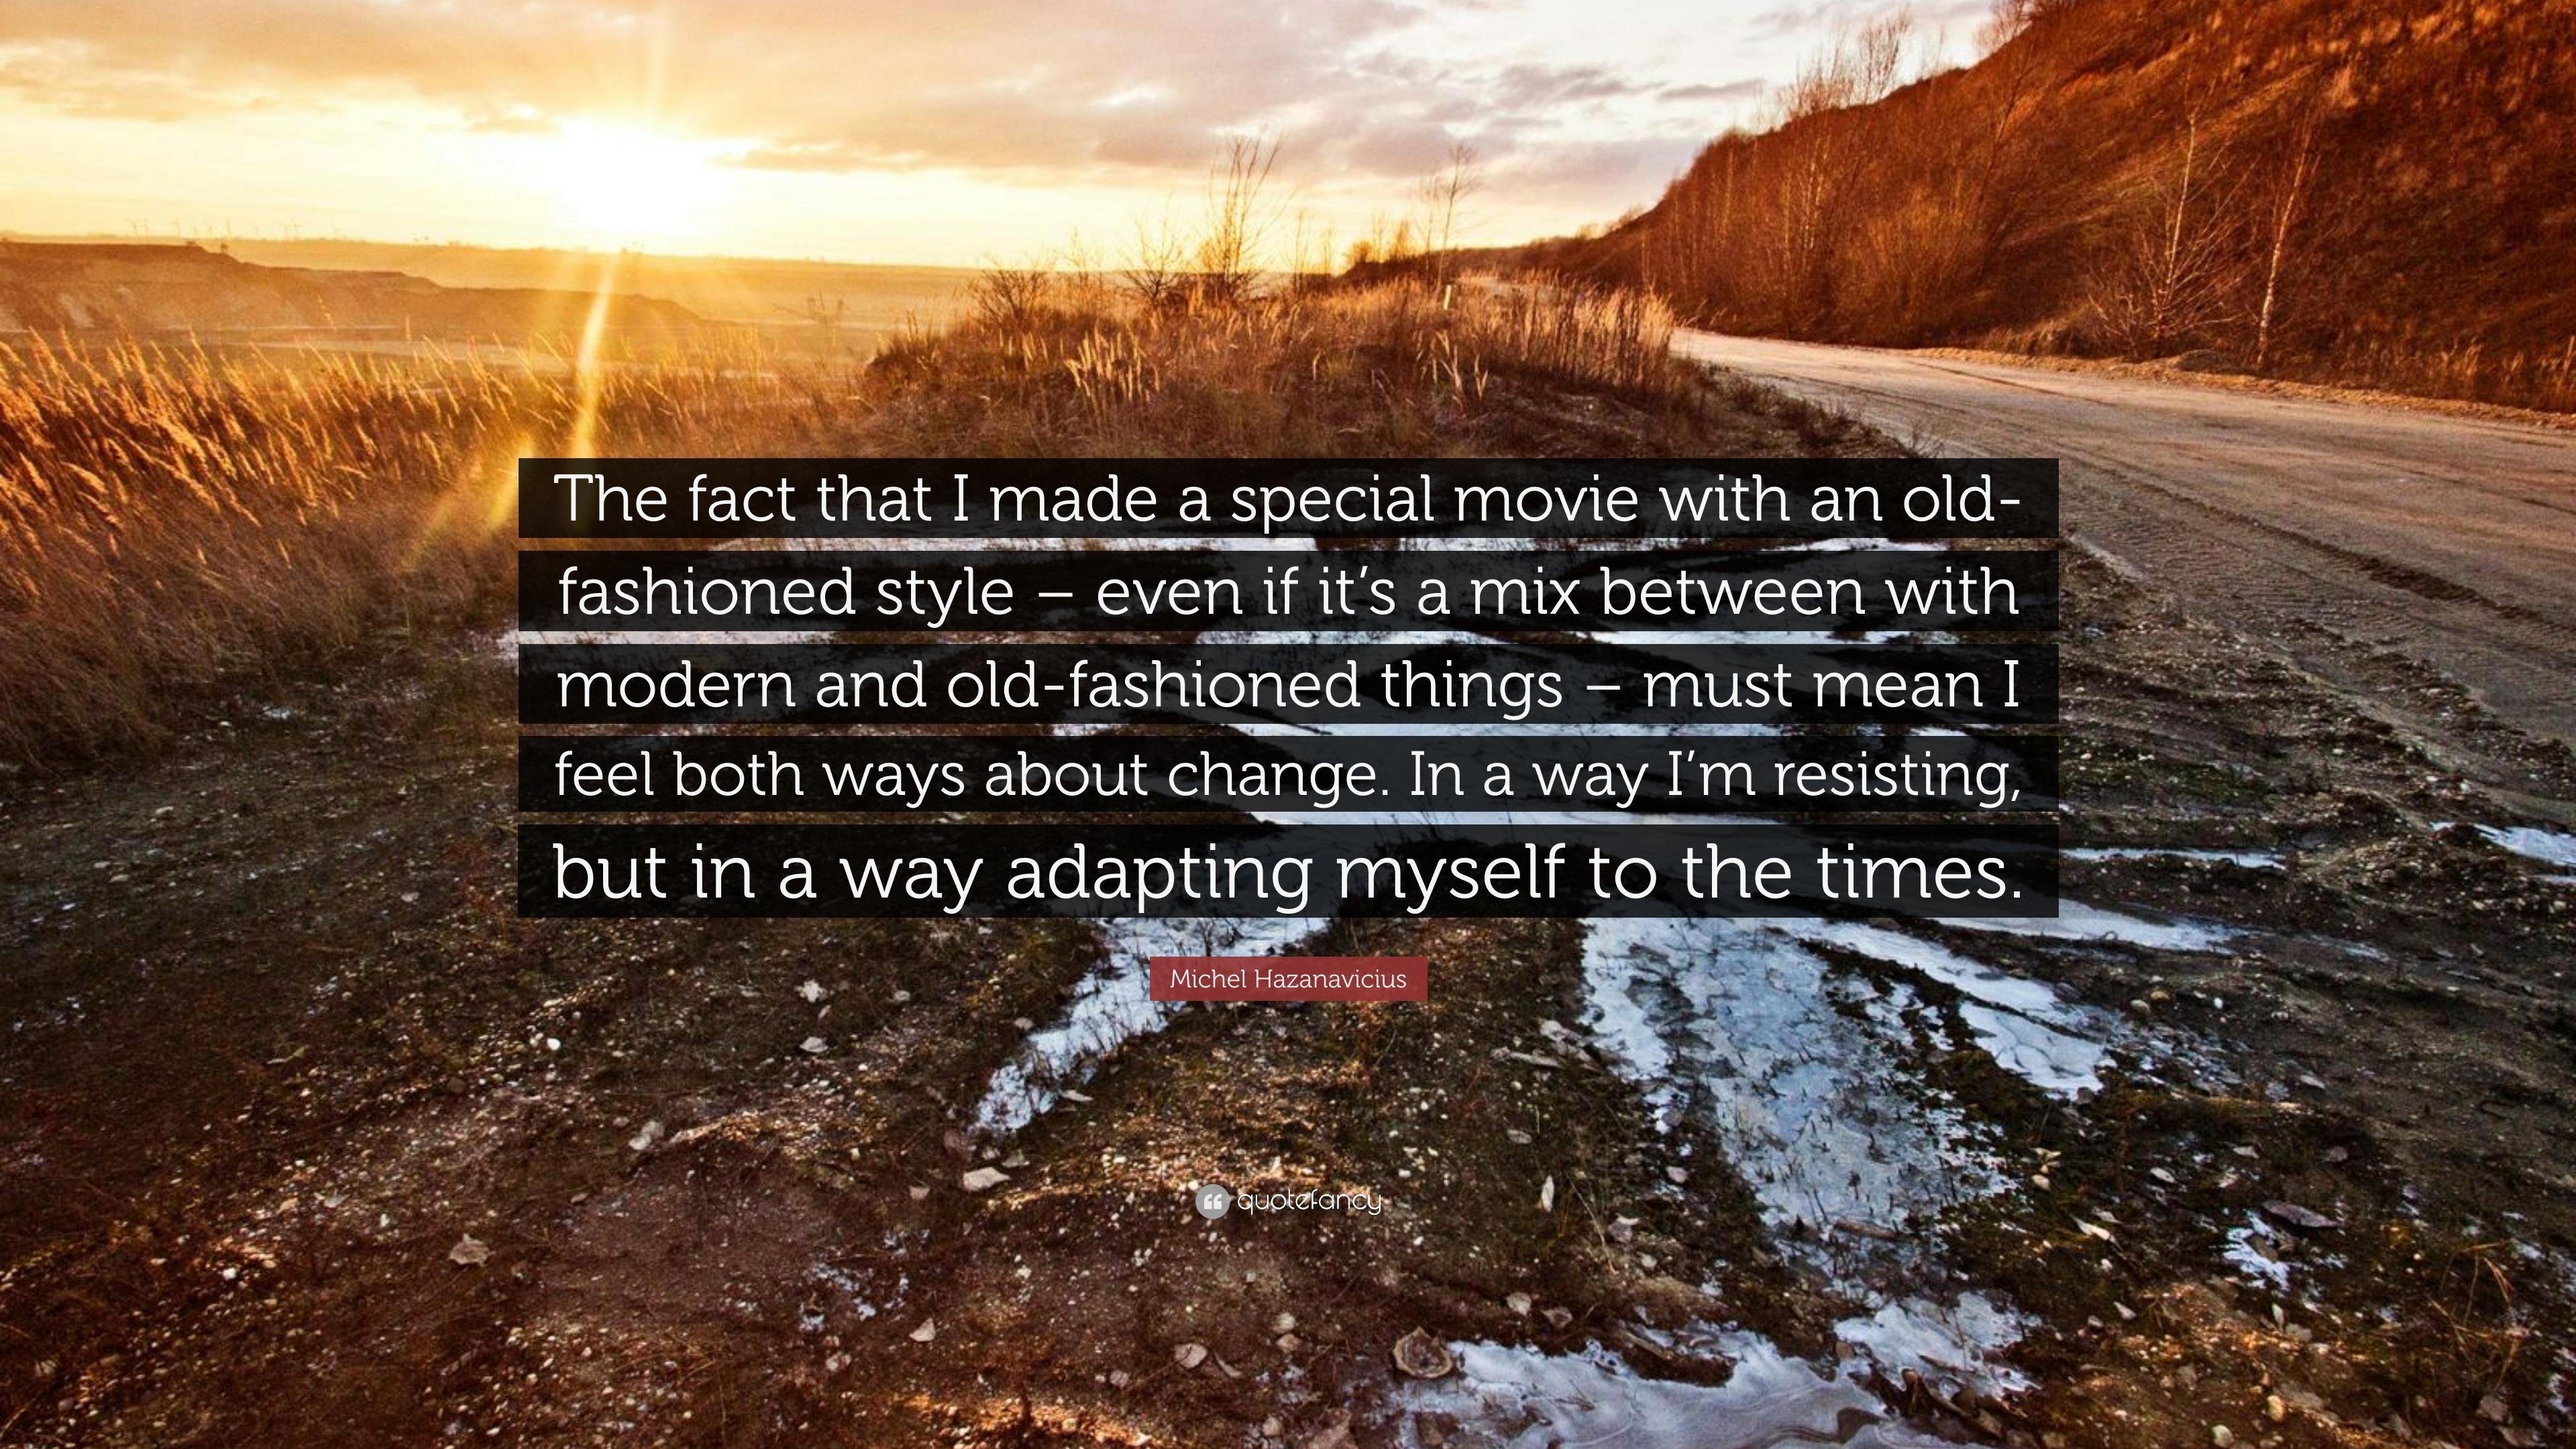 Michel Hazanavicius Quotes (37 wallpapers) - Quotefancy